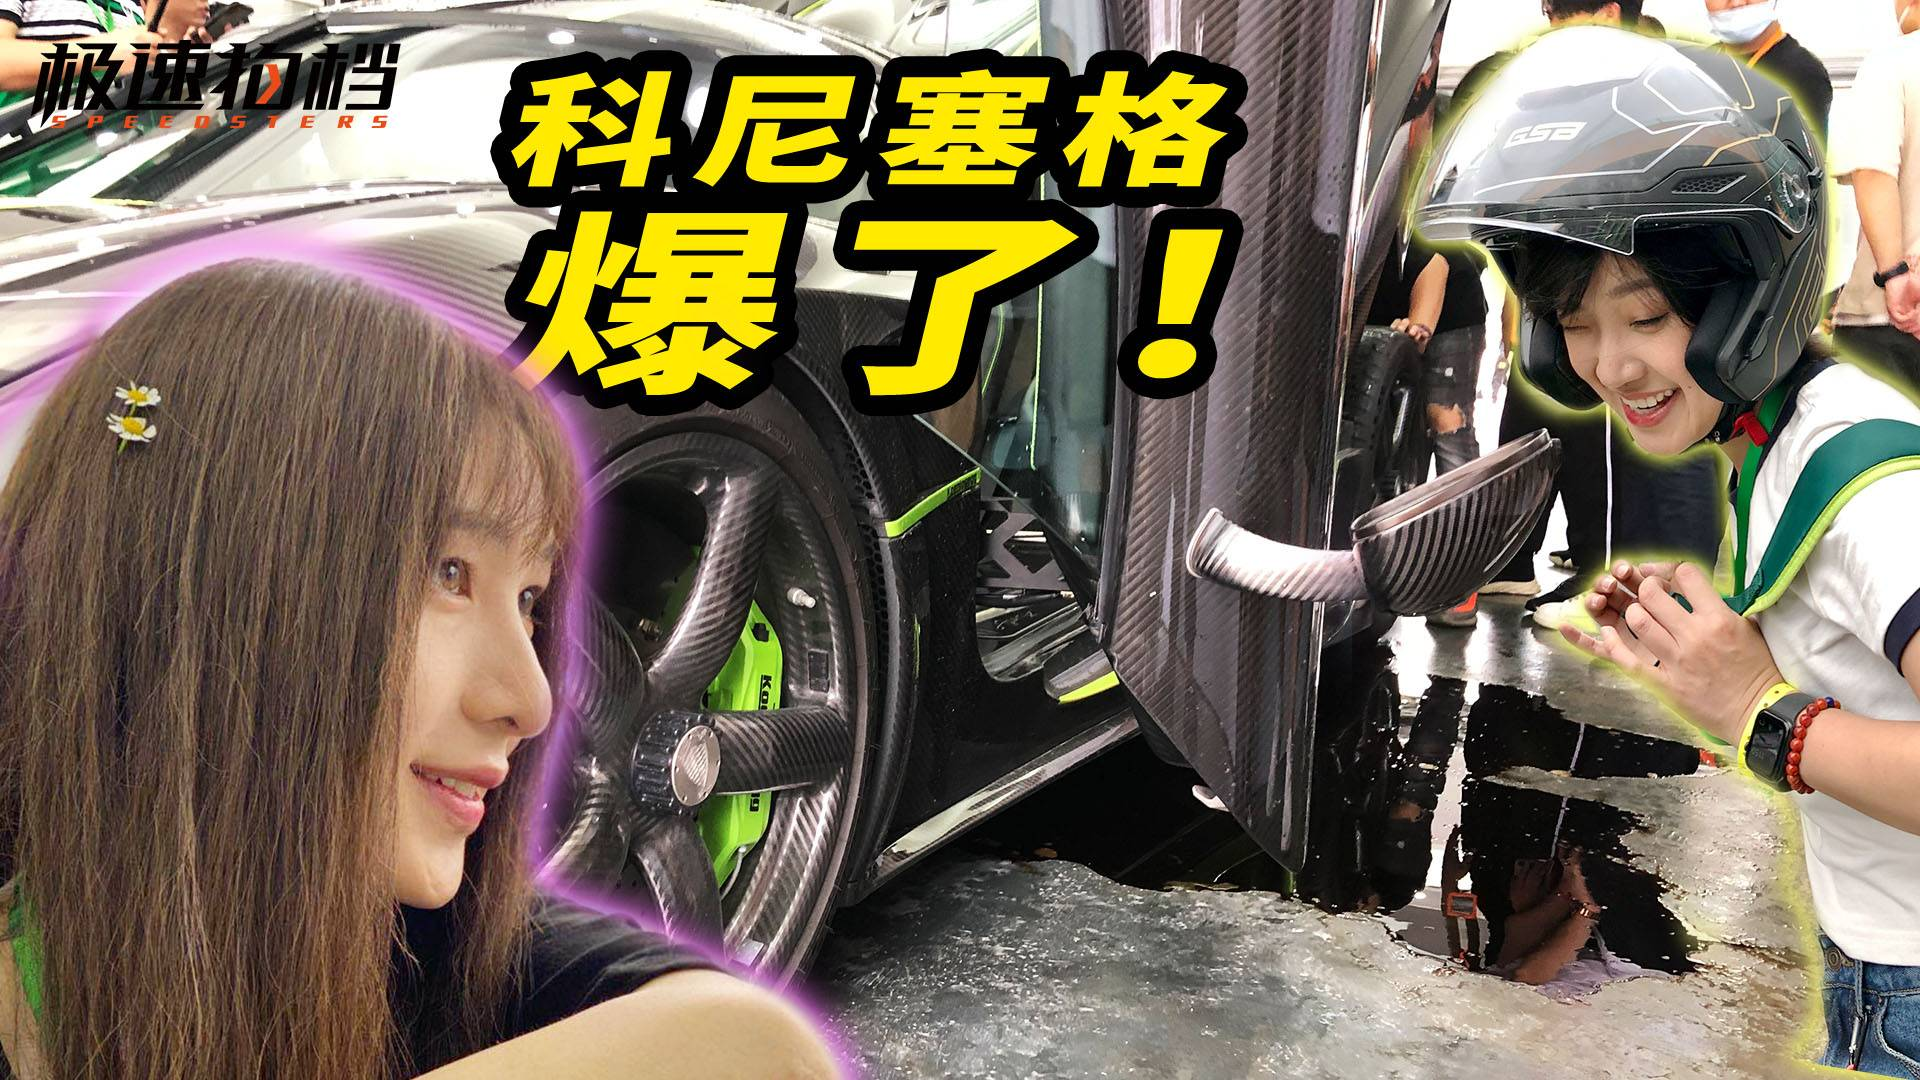 踩爆柯尼赛格!广东超跑聚会有多彪悍?